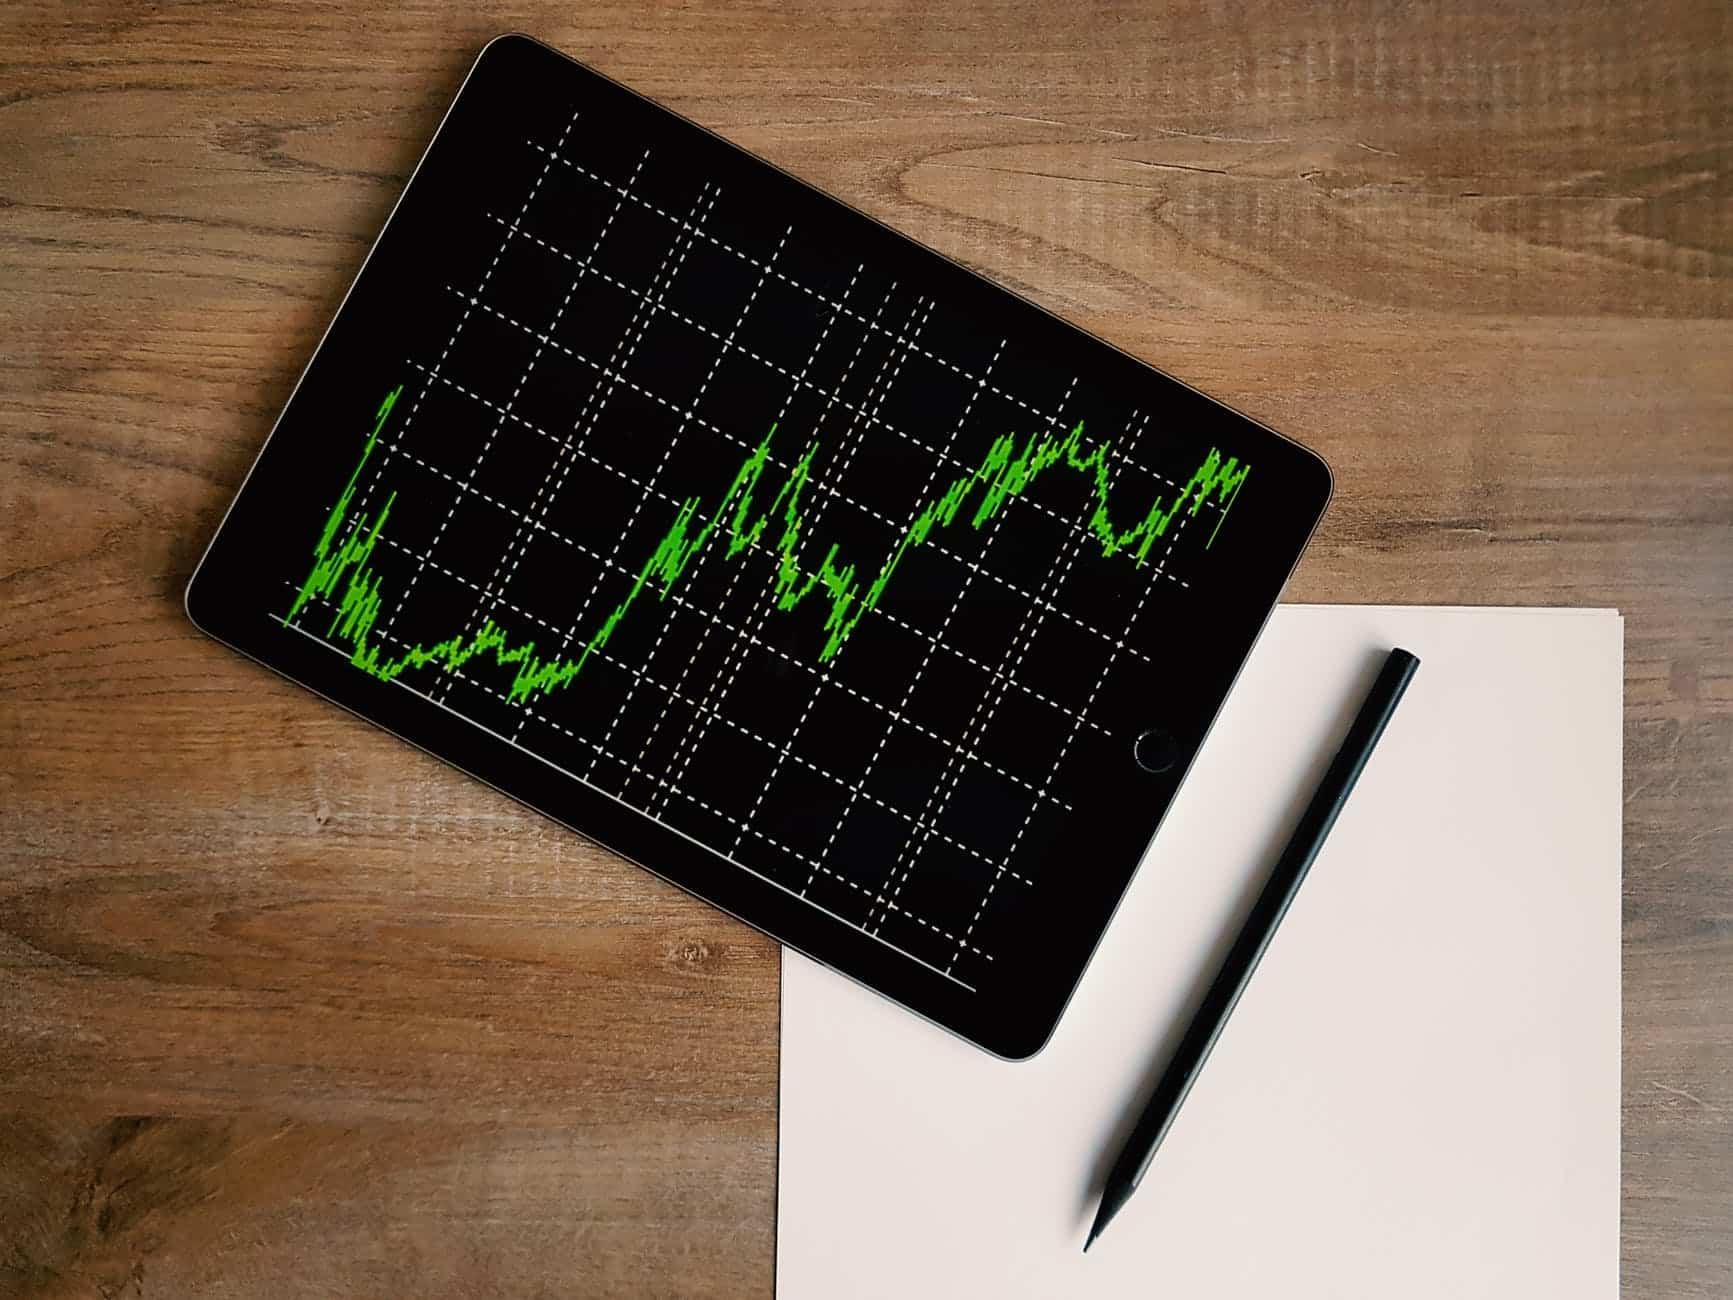 Herramientas Para Hacer Trading Financiero